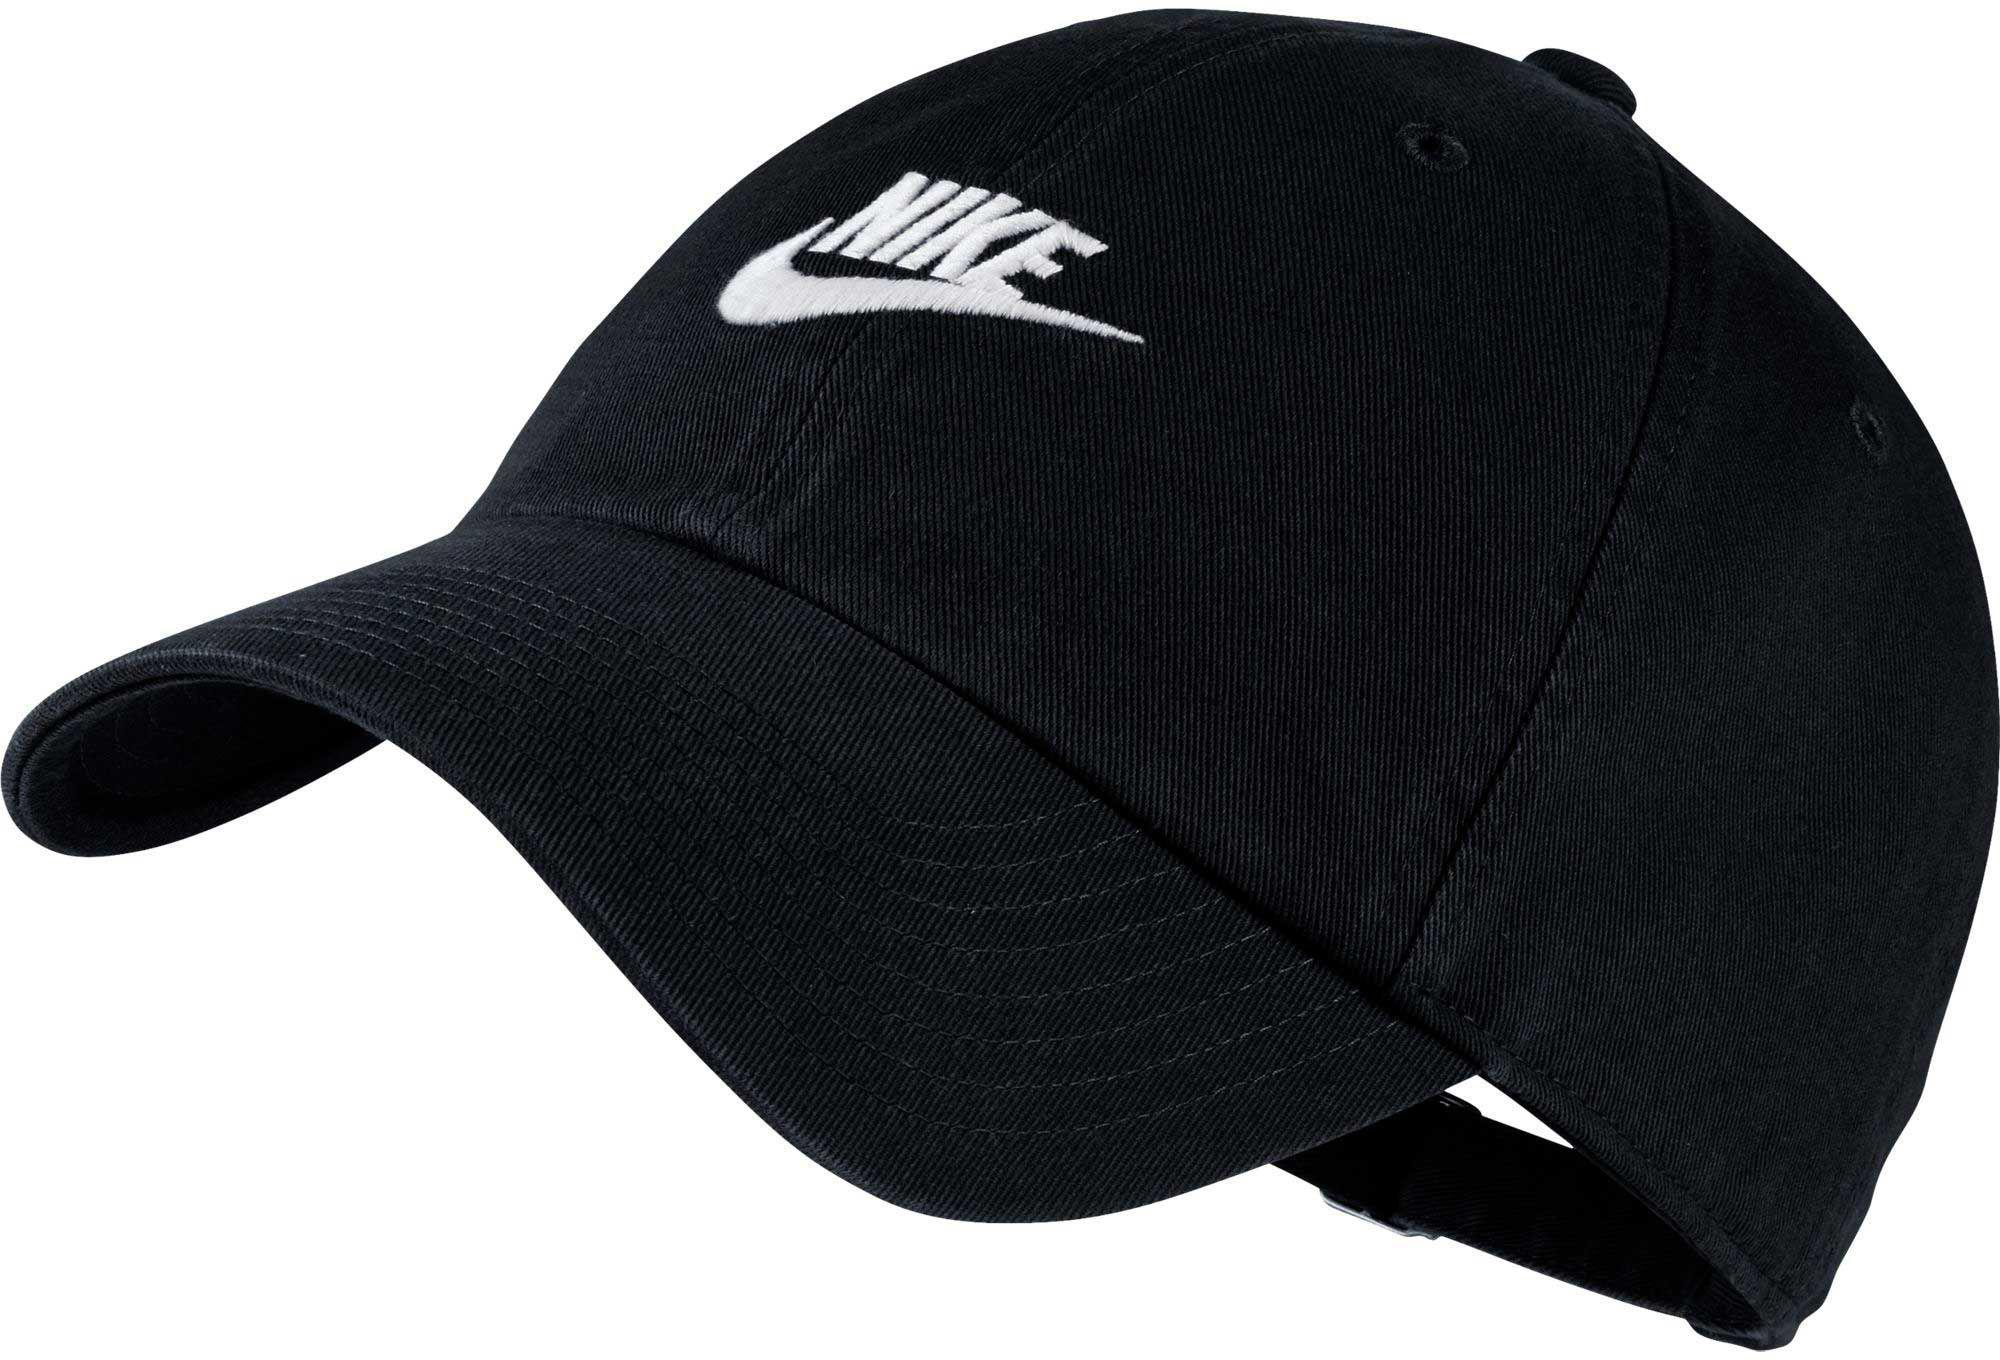 c5f12dc5dda3f Nike Sportswear H86 Cotton Twill Adjustable Hat in Black for Men - Lyst